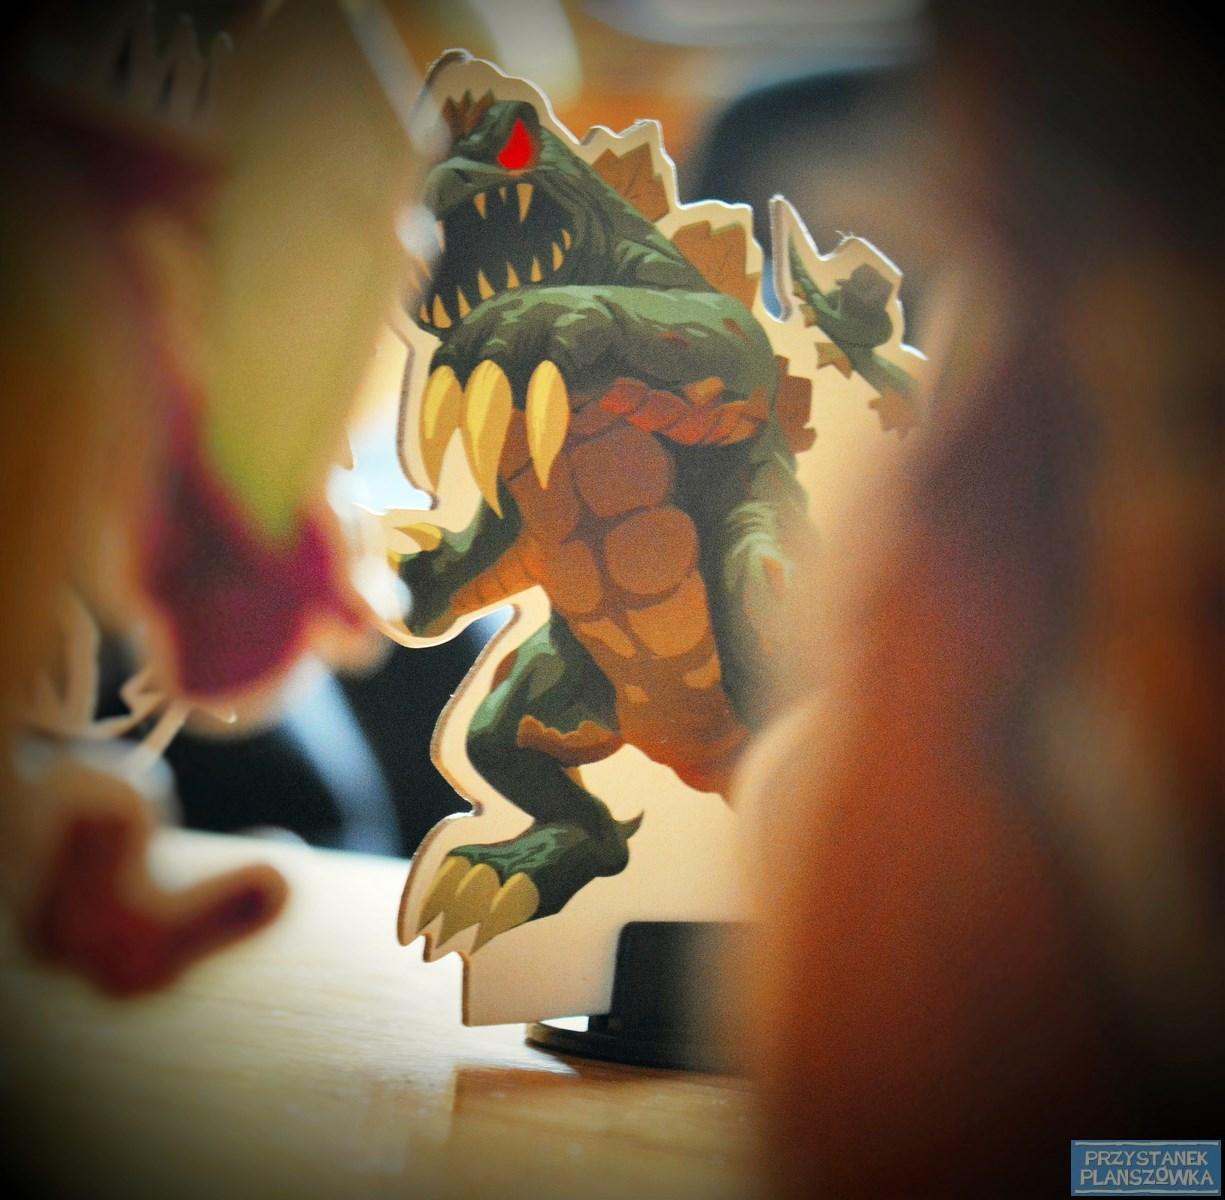 Potwory w Tokio / fot. Przystanek Planszówka